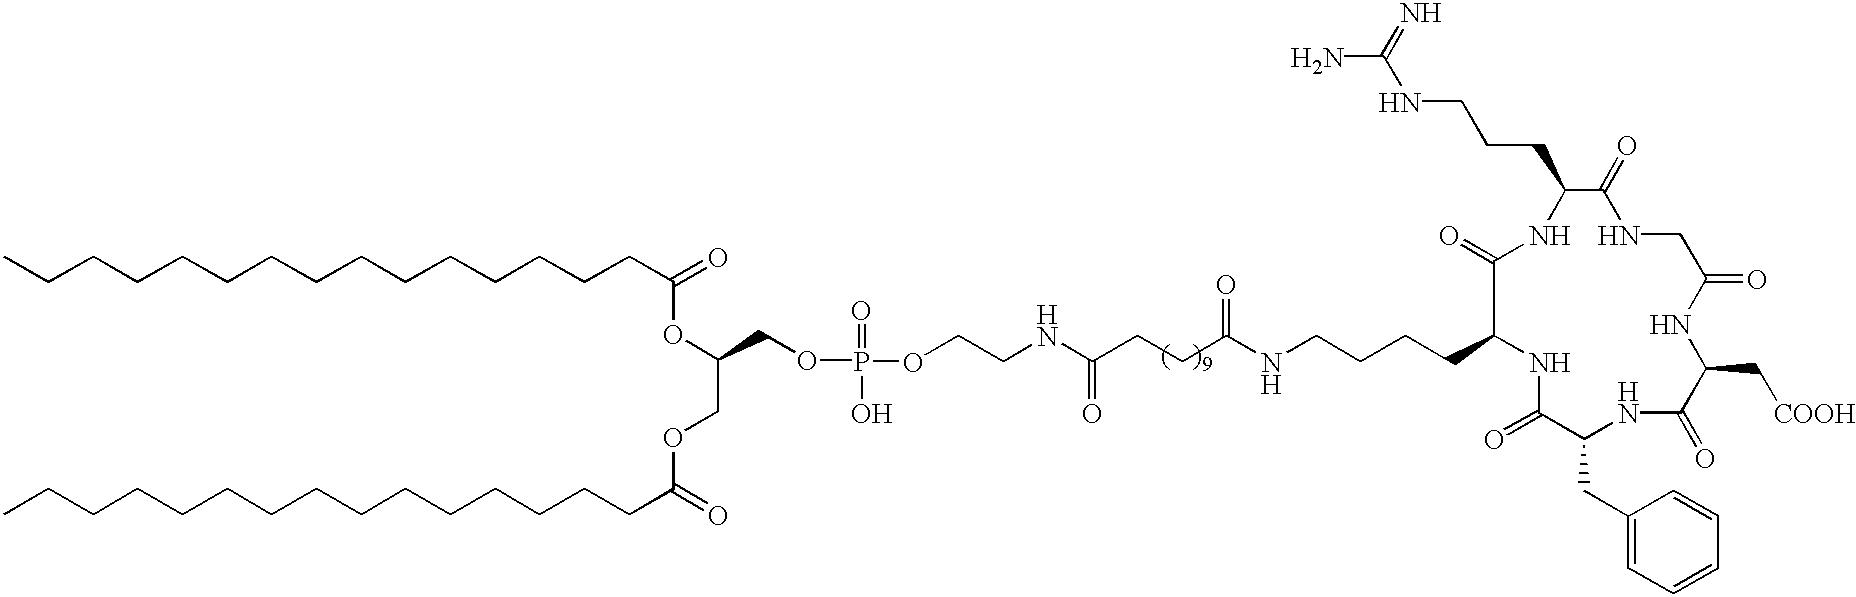 Figure US20030044354A1-20030306-C00001